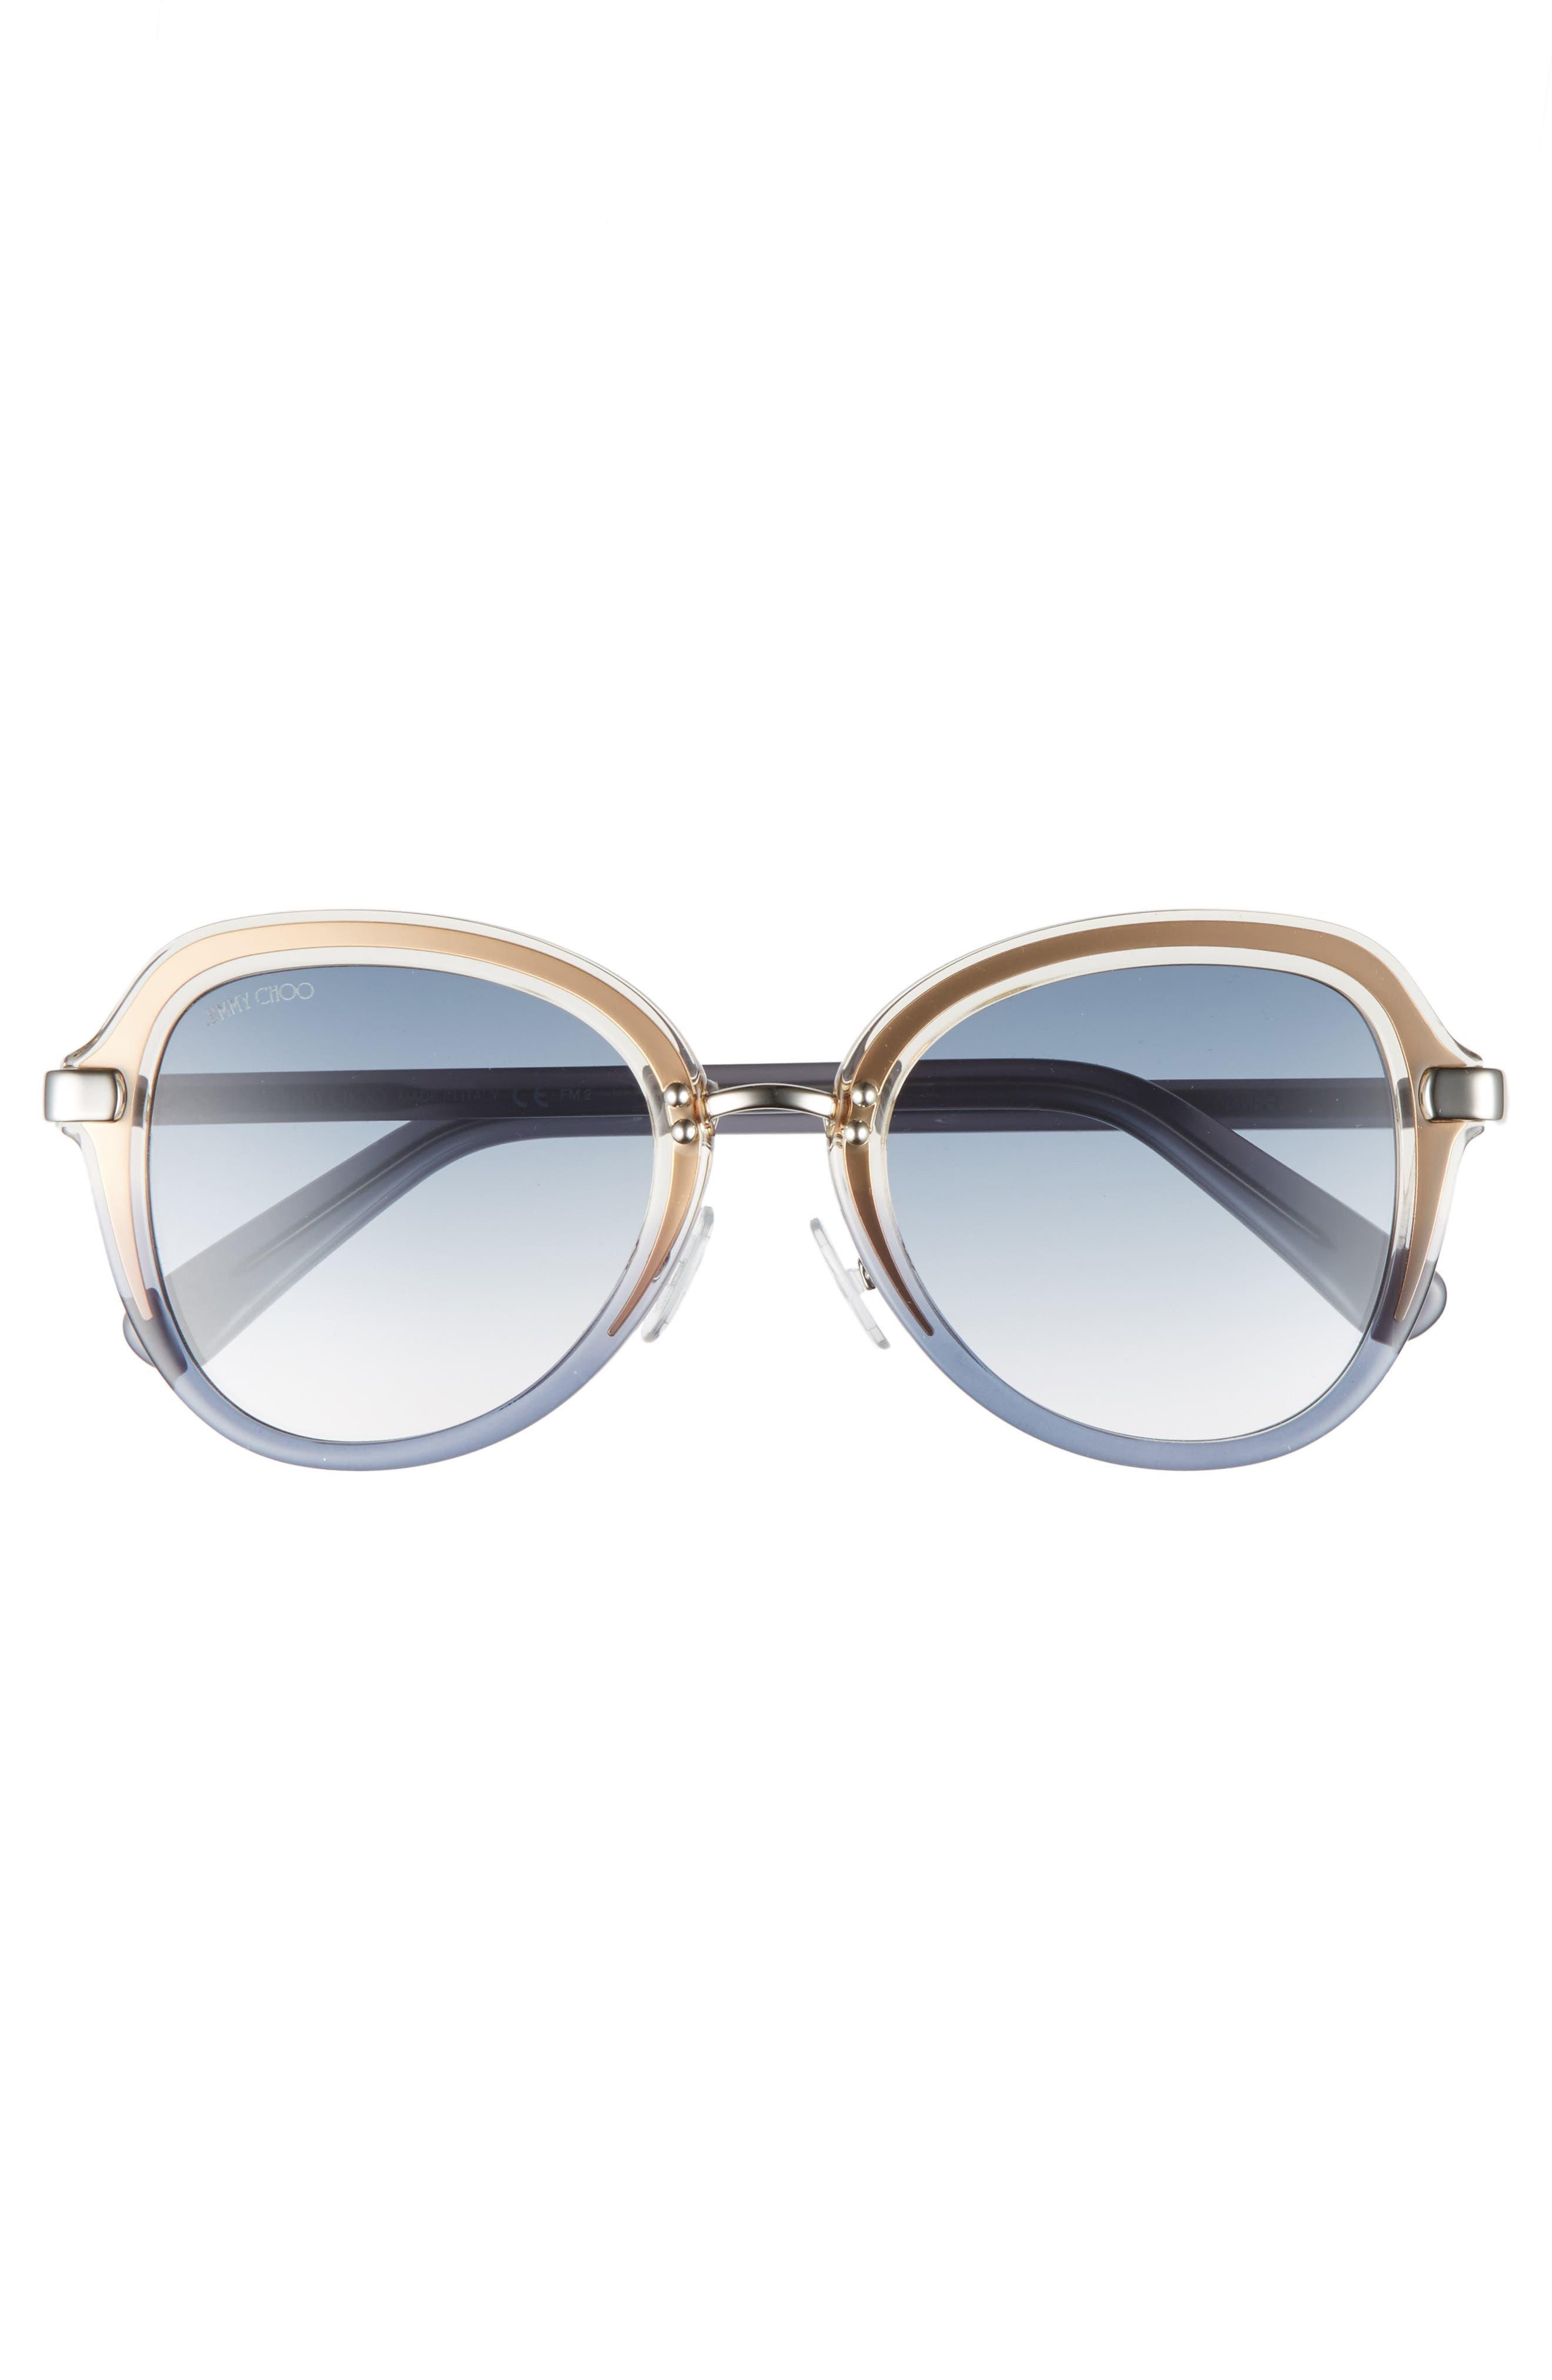 Drees 51mm Gradient Sunglasses,                             Alternate thumbnail 3, color,                             300